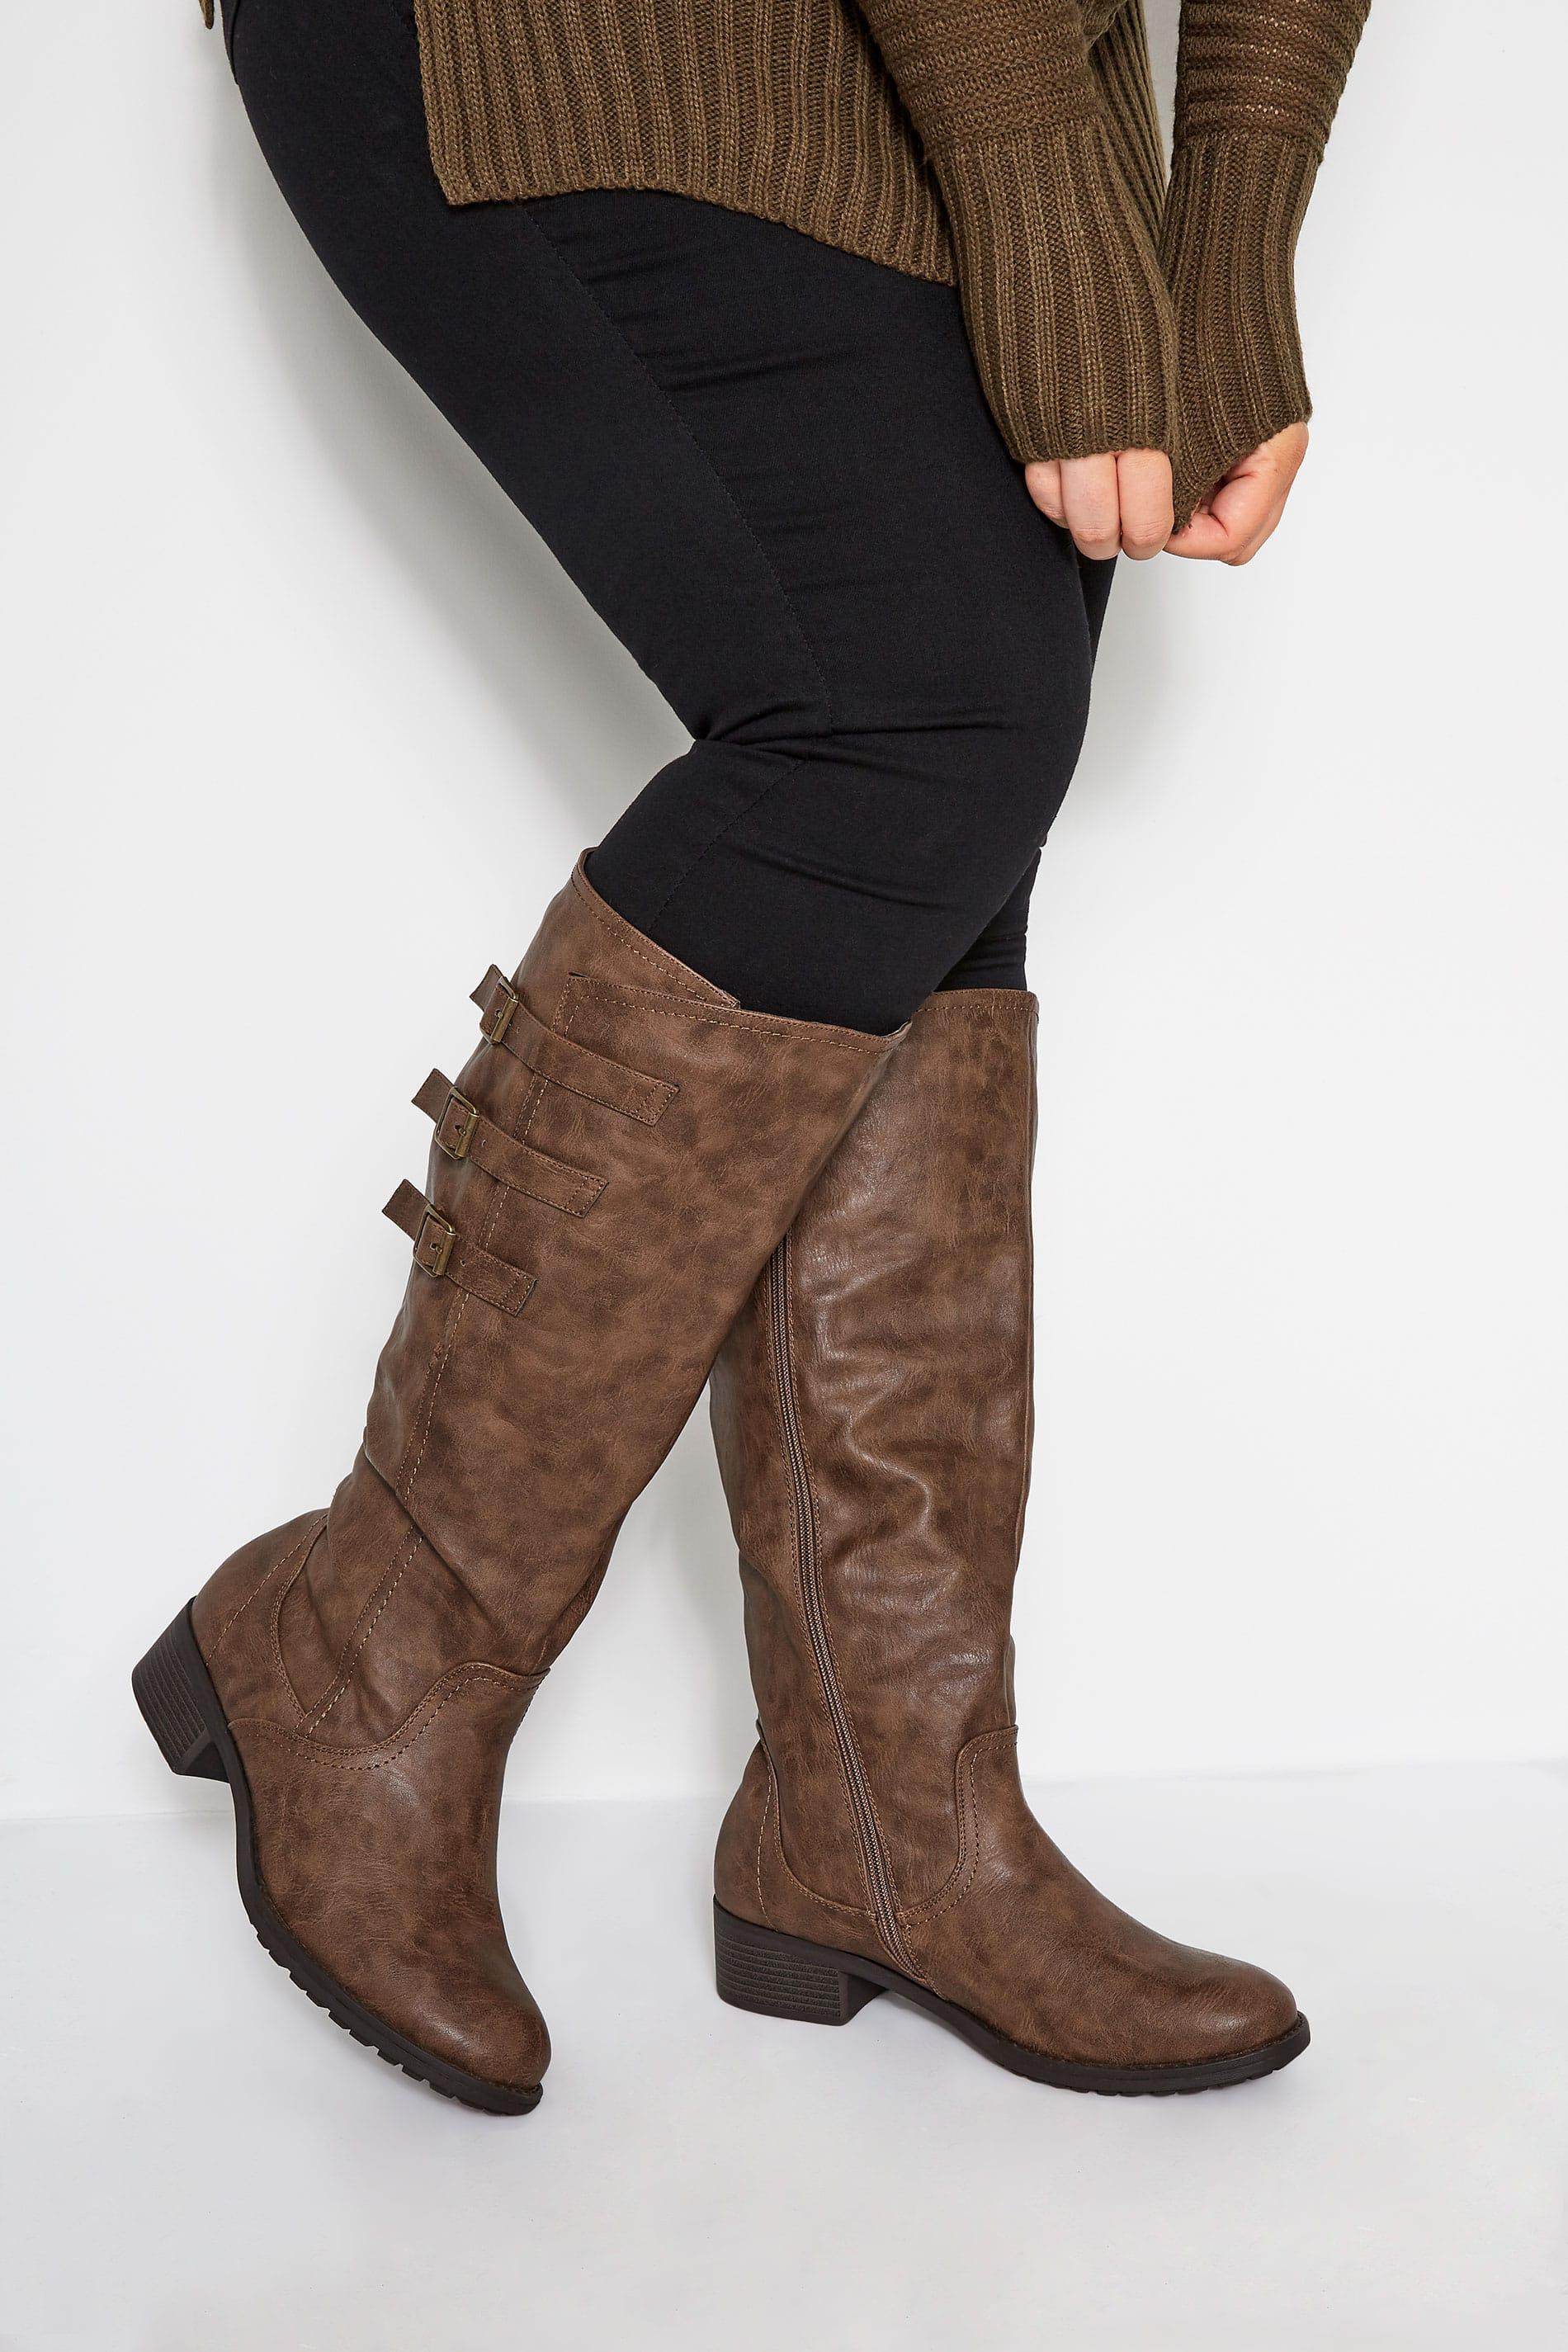 Bruine imitatieleren laarzen met gespen aan bovenzijde